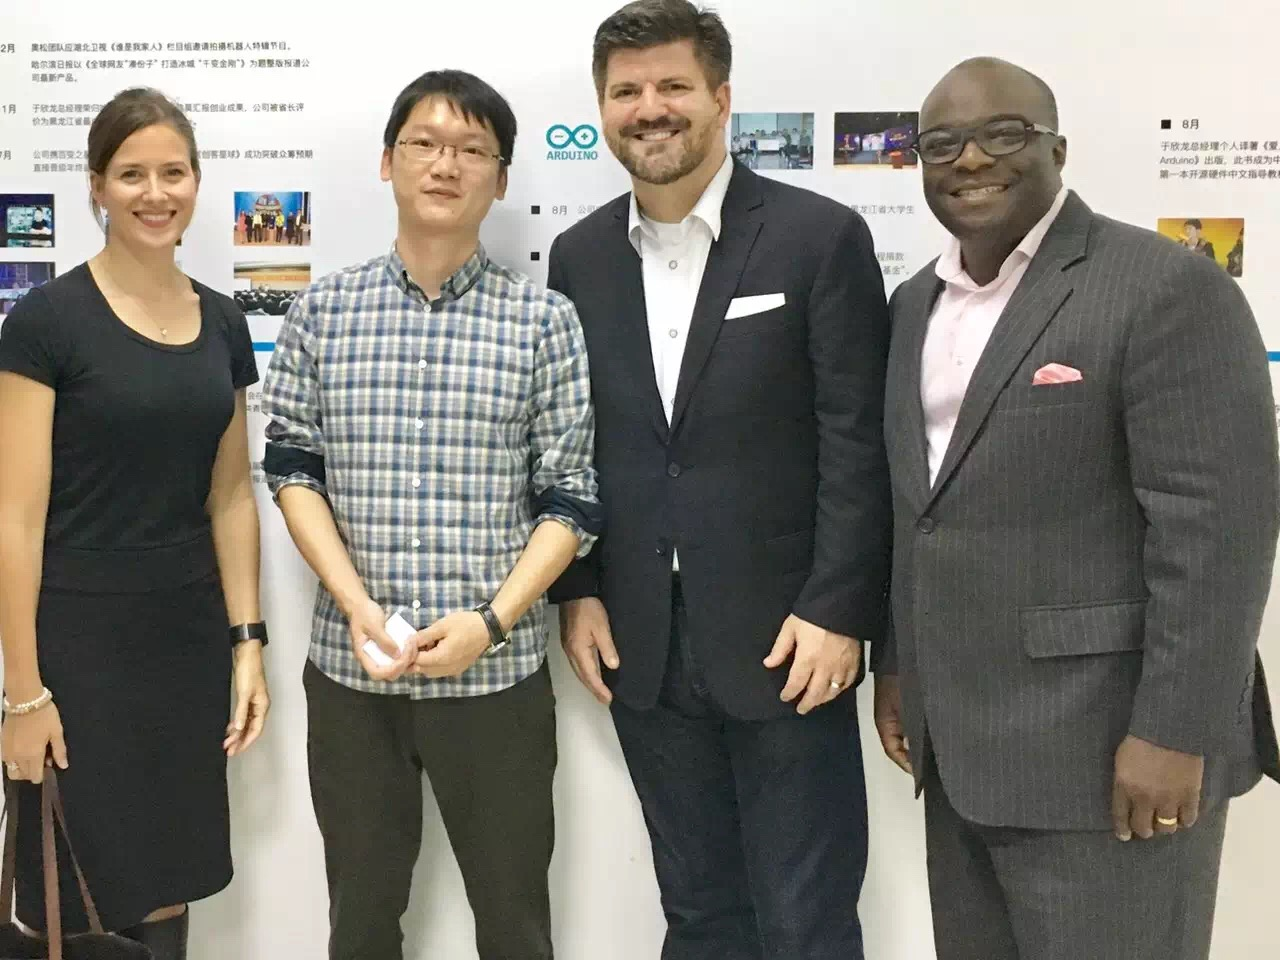 EF Fellows w entrepreneur CEO of Alsrobot